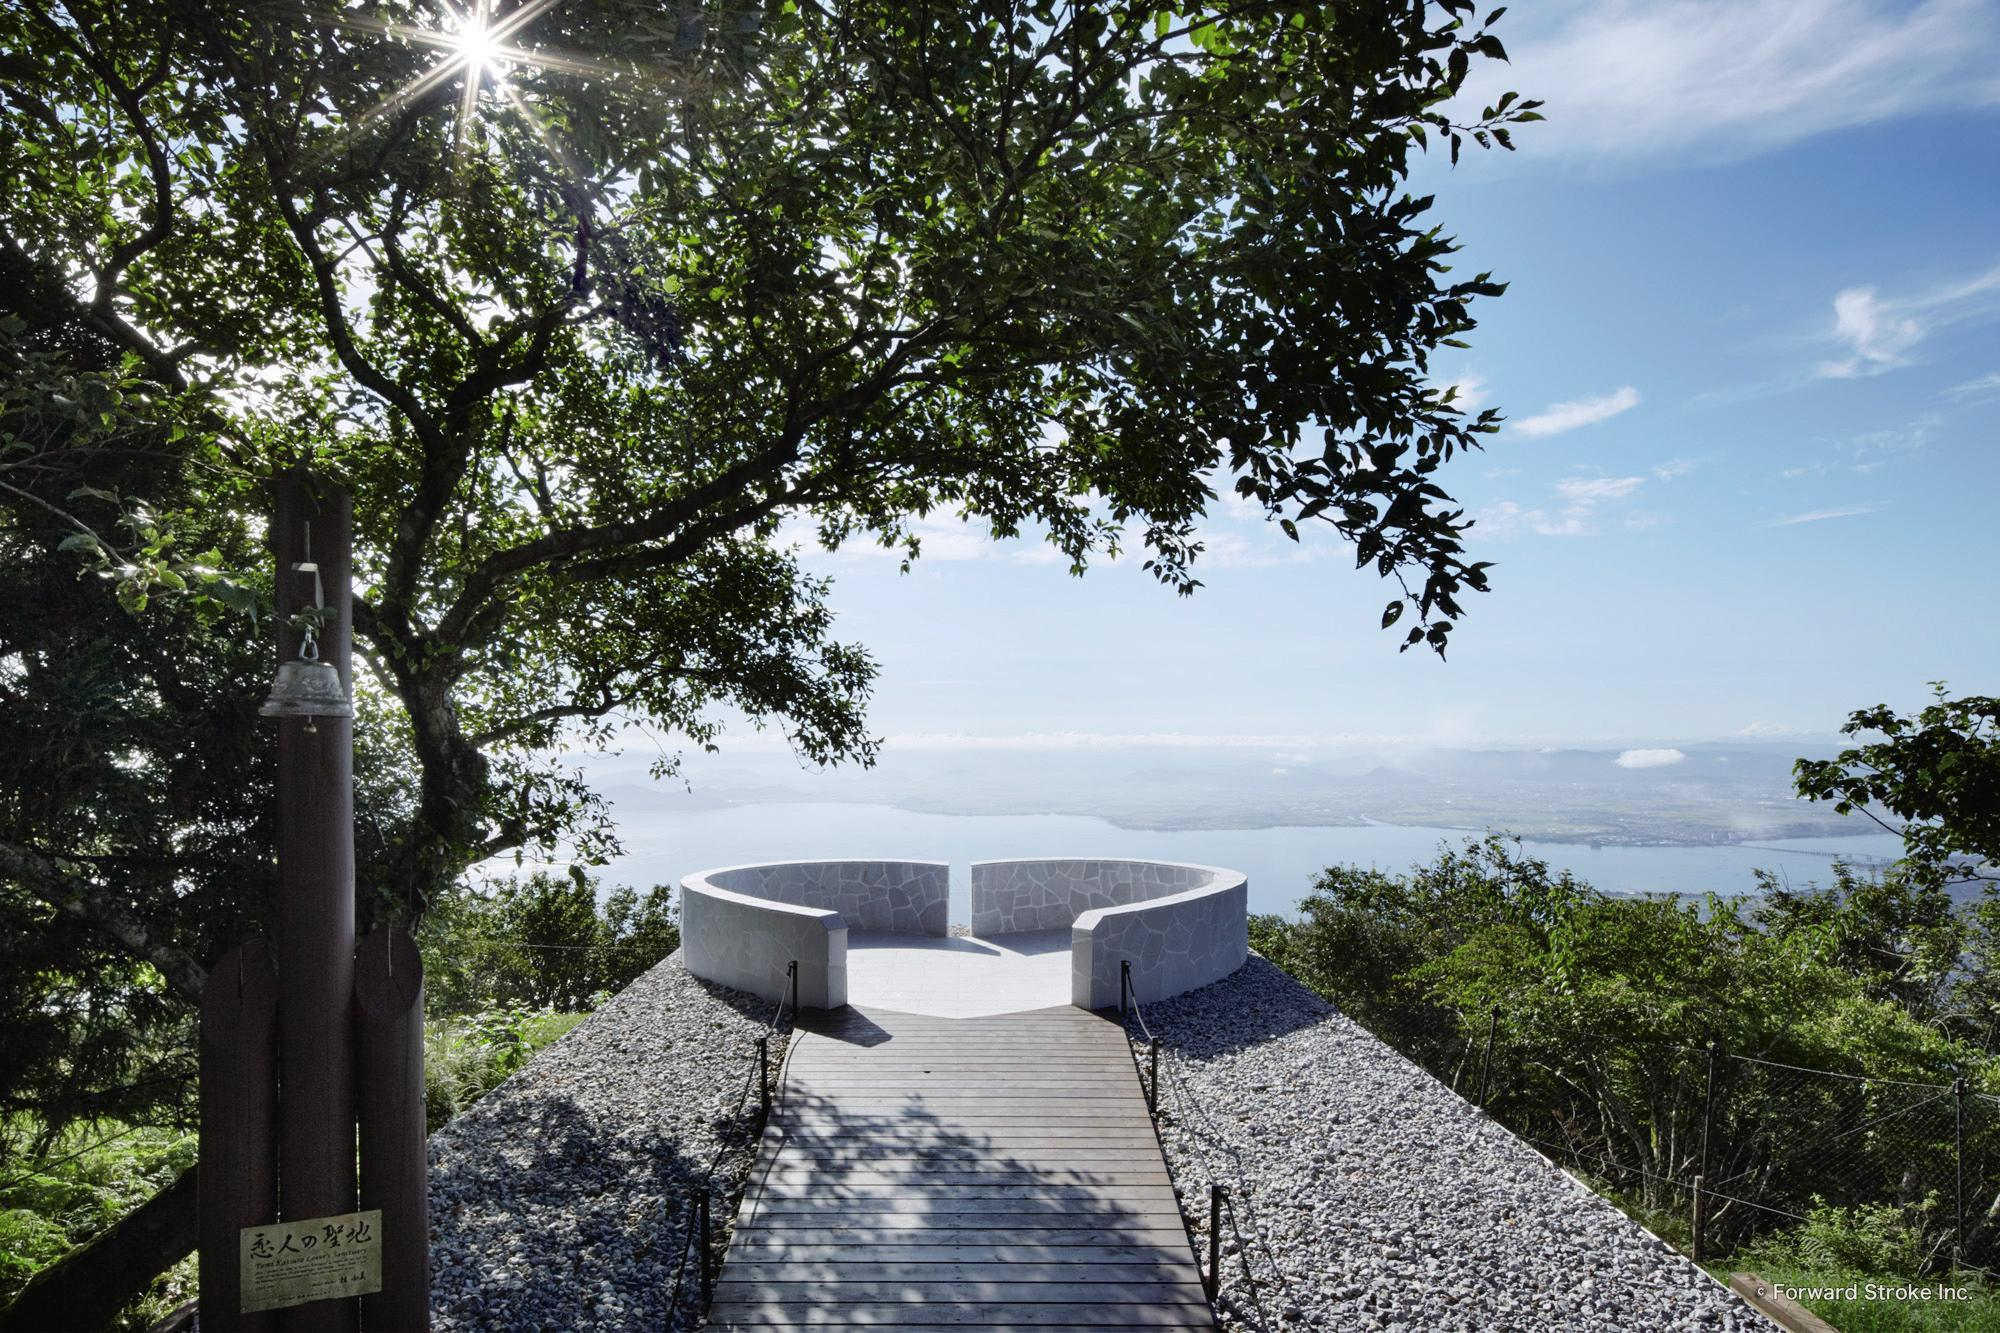 恋人の聖地、記念モニュメントの「湖空の鐘」/びわ湖バレイ(滋賀県/大津市)